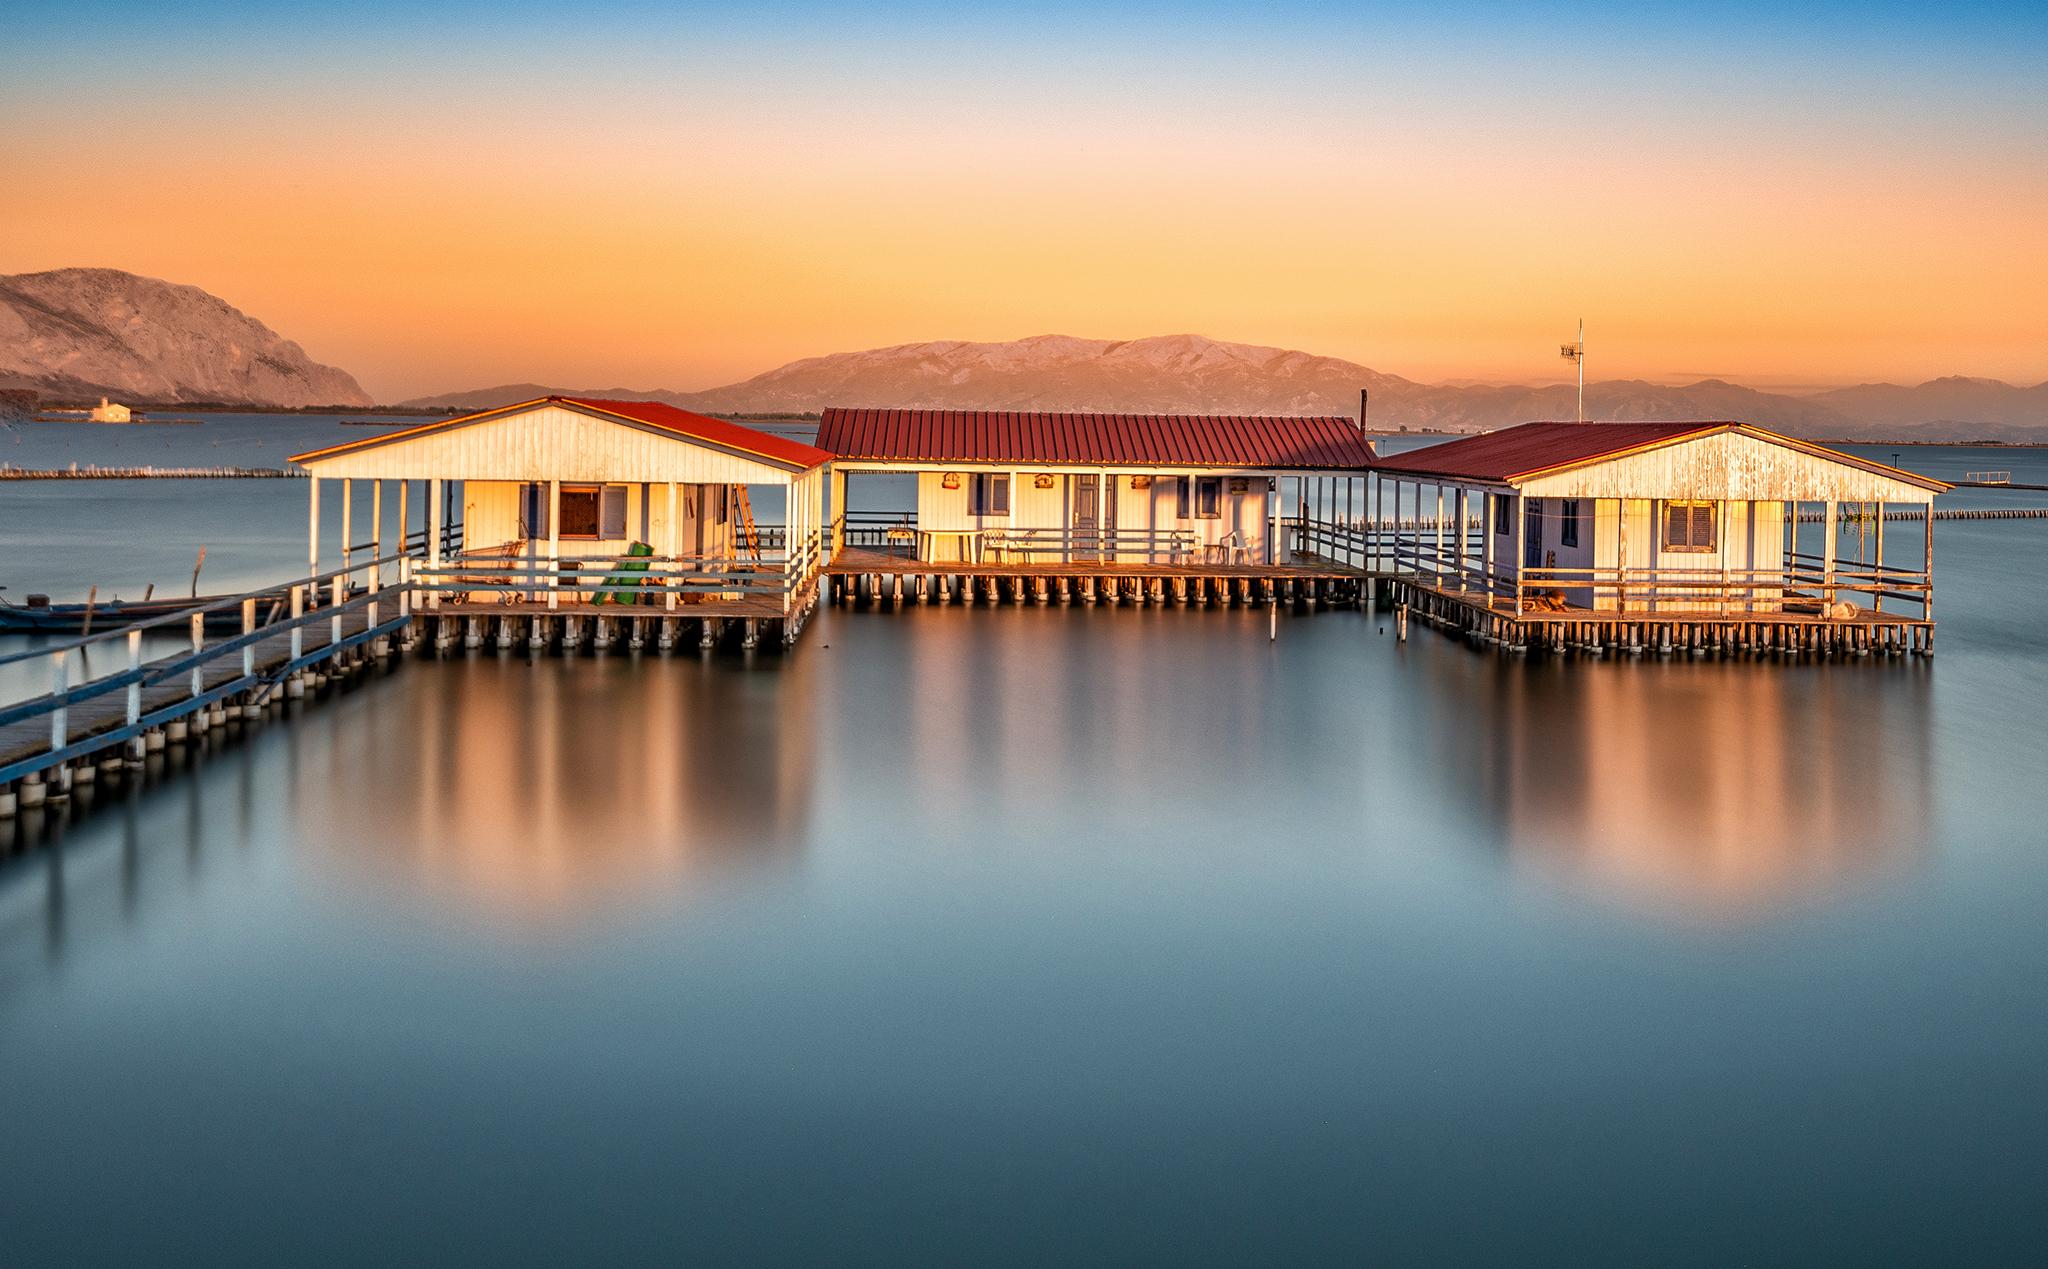 Stilt fishing houses in Messolonghi, Greece